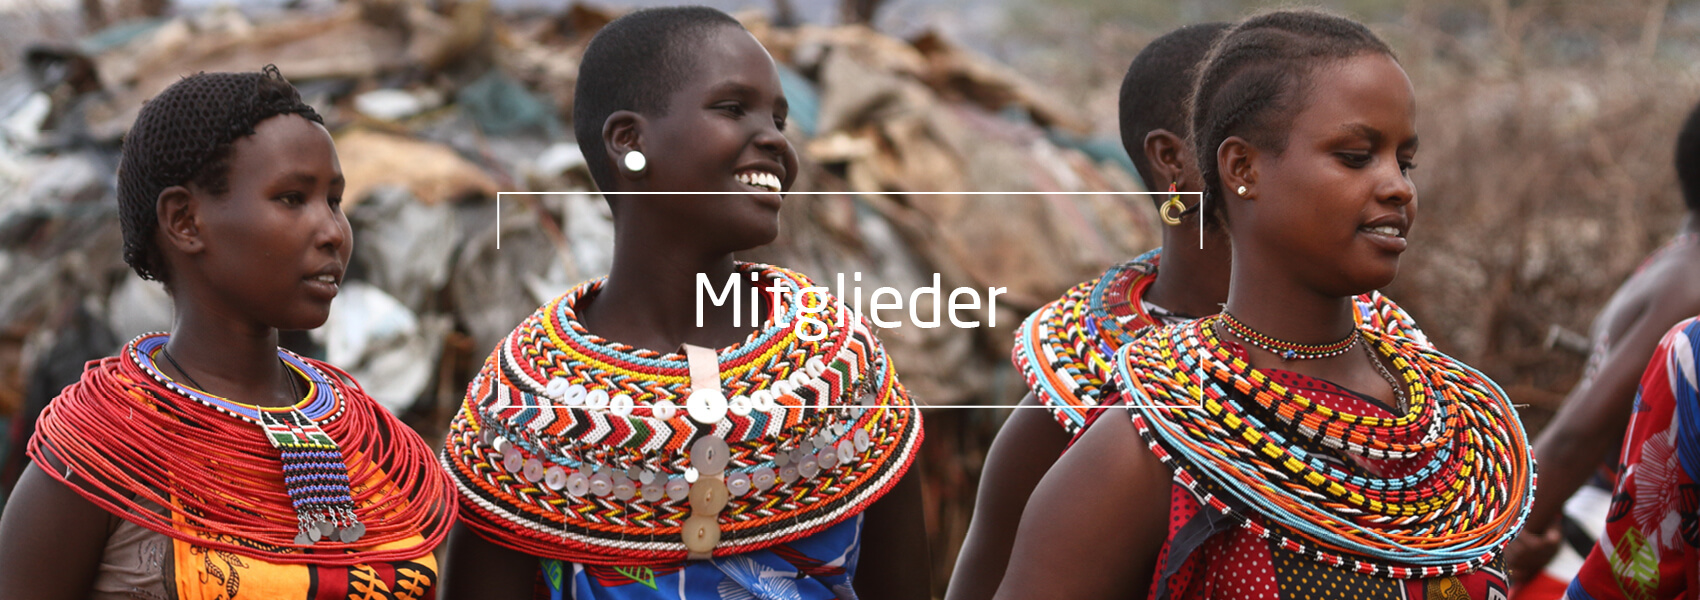 Frauen in Afrika, Text: Mitglieder